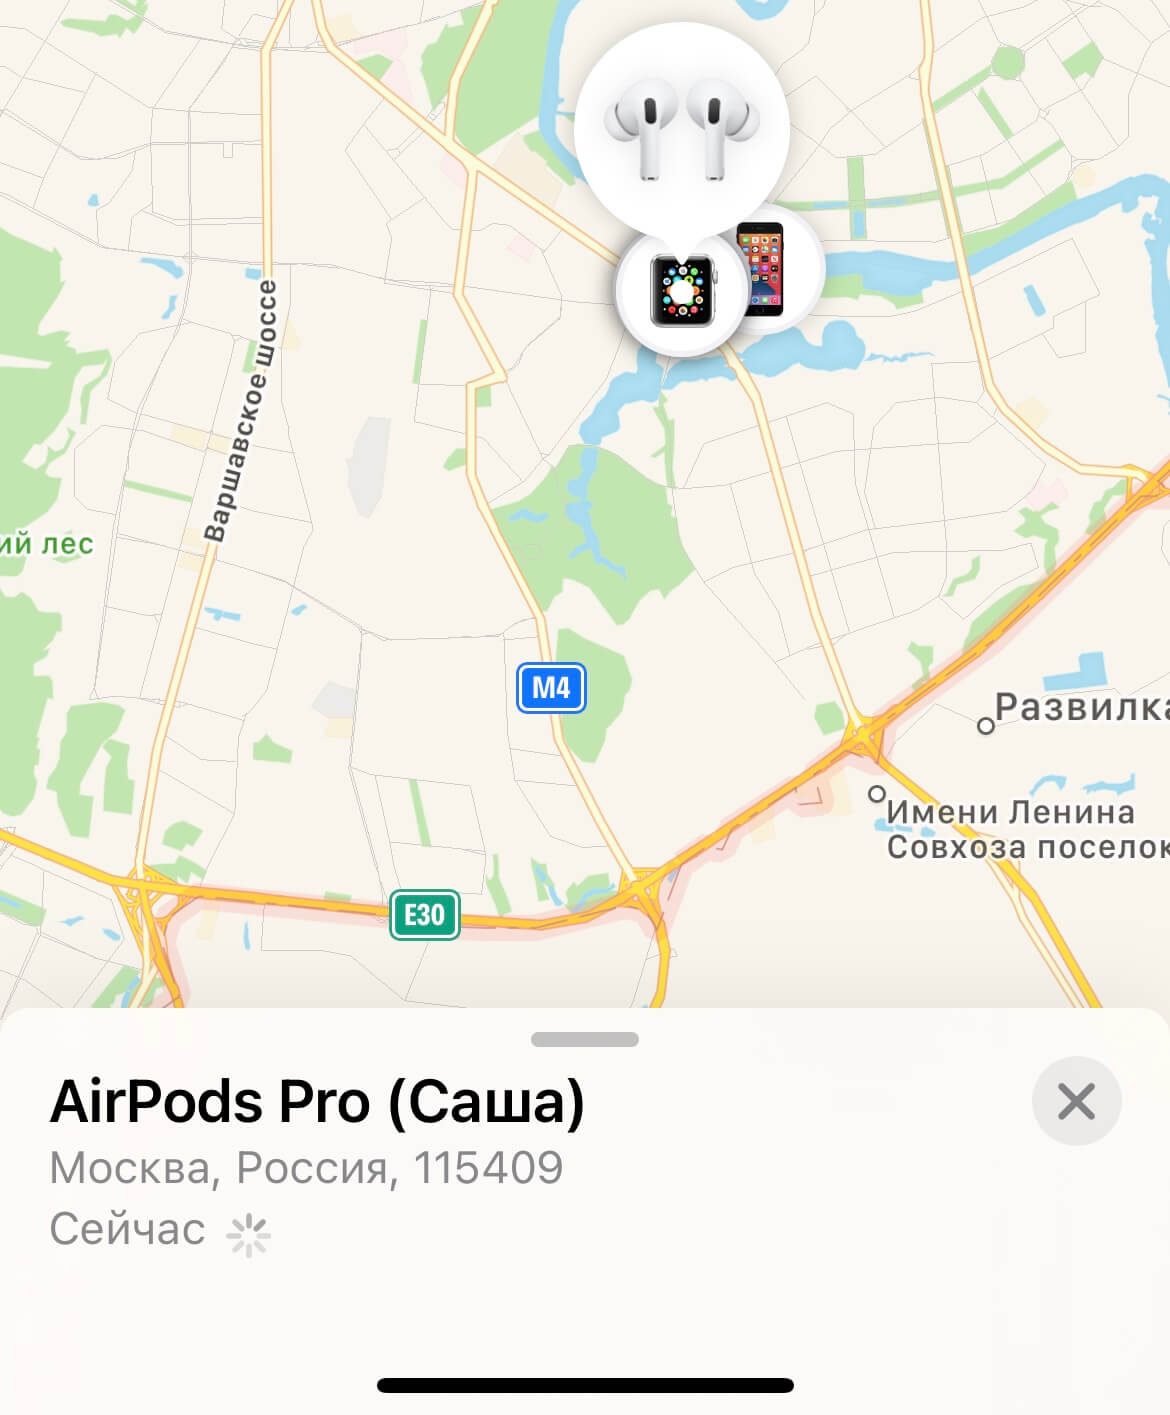 Как найти потерянные AirPods с помощью приложения Локатор на iPhone